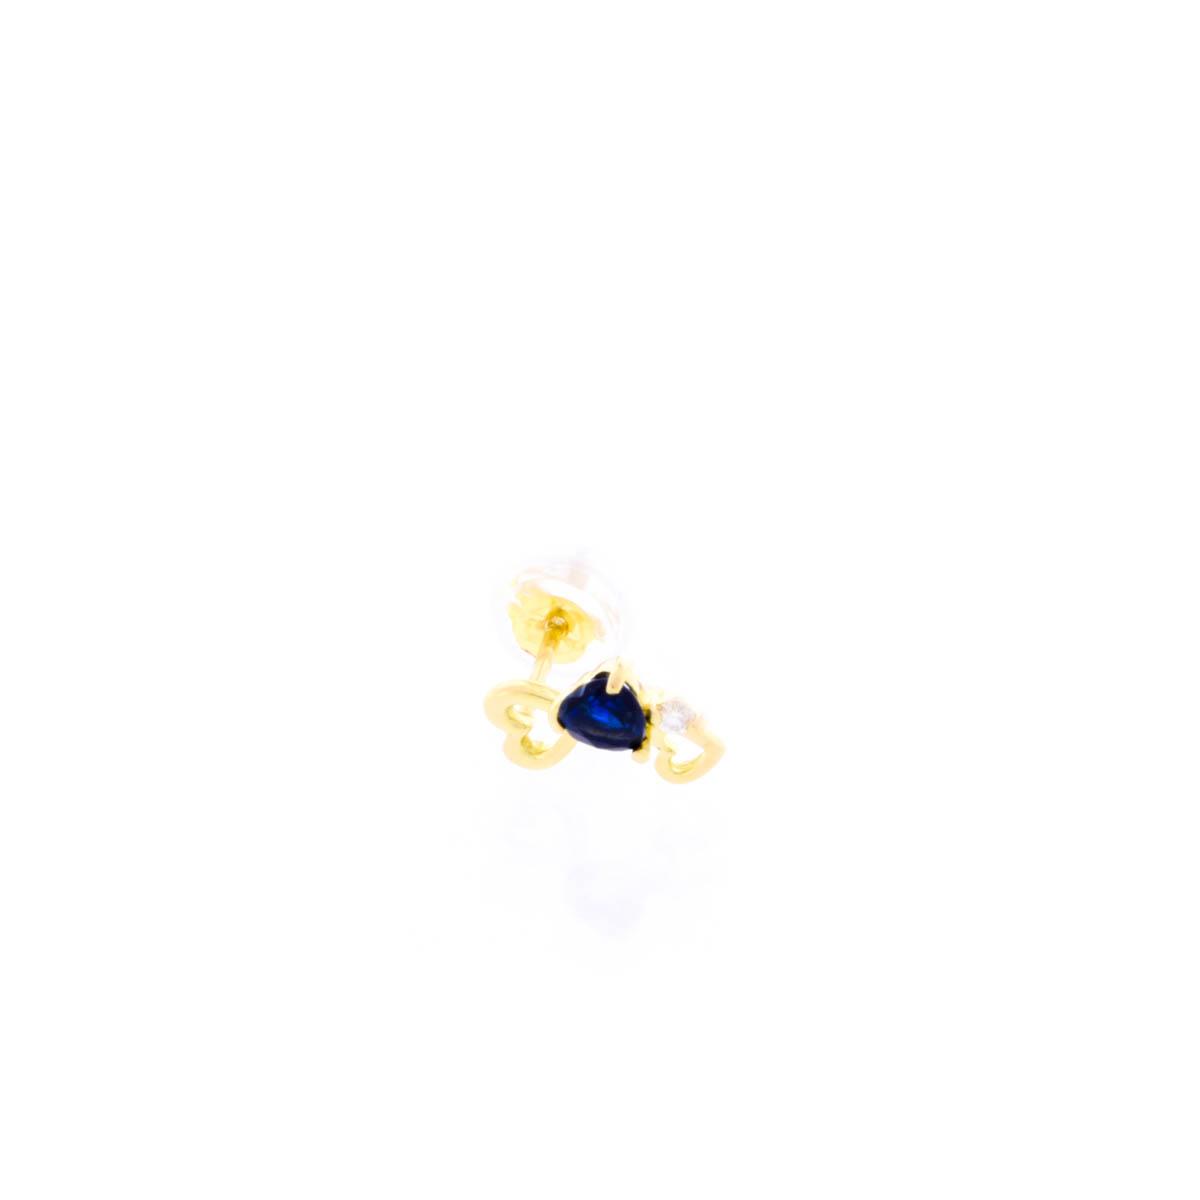 K18YG ピアス サファイア ダイヤモンド ハート モチーフ